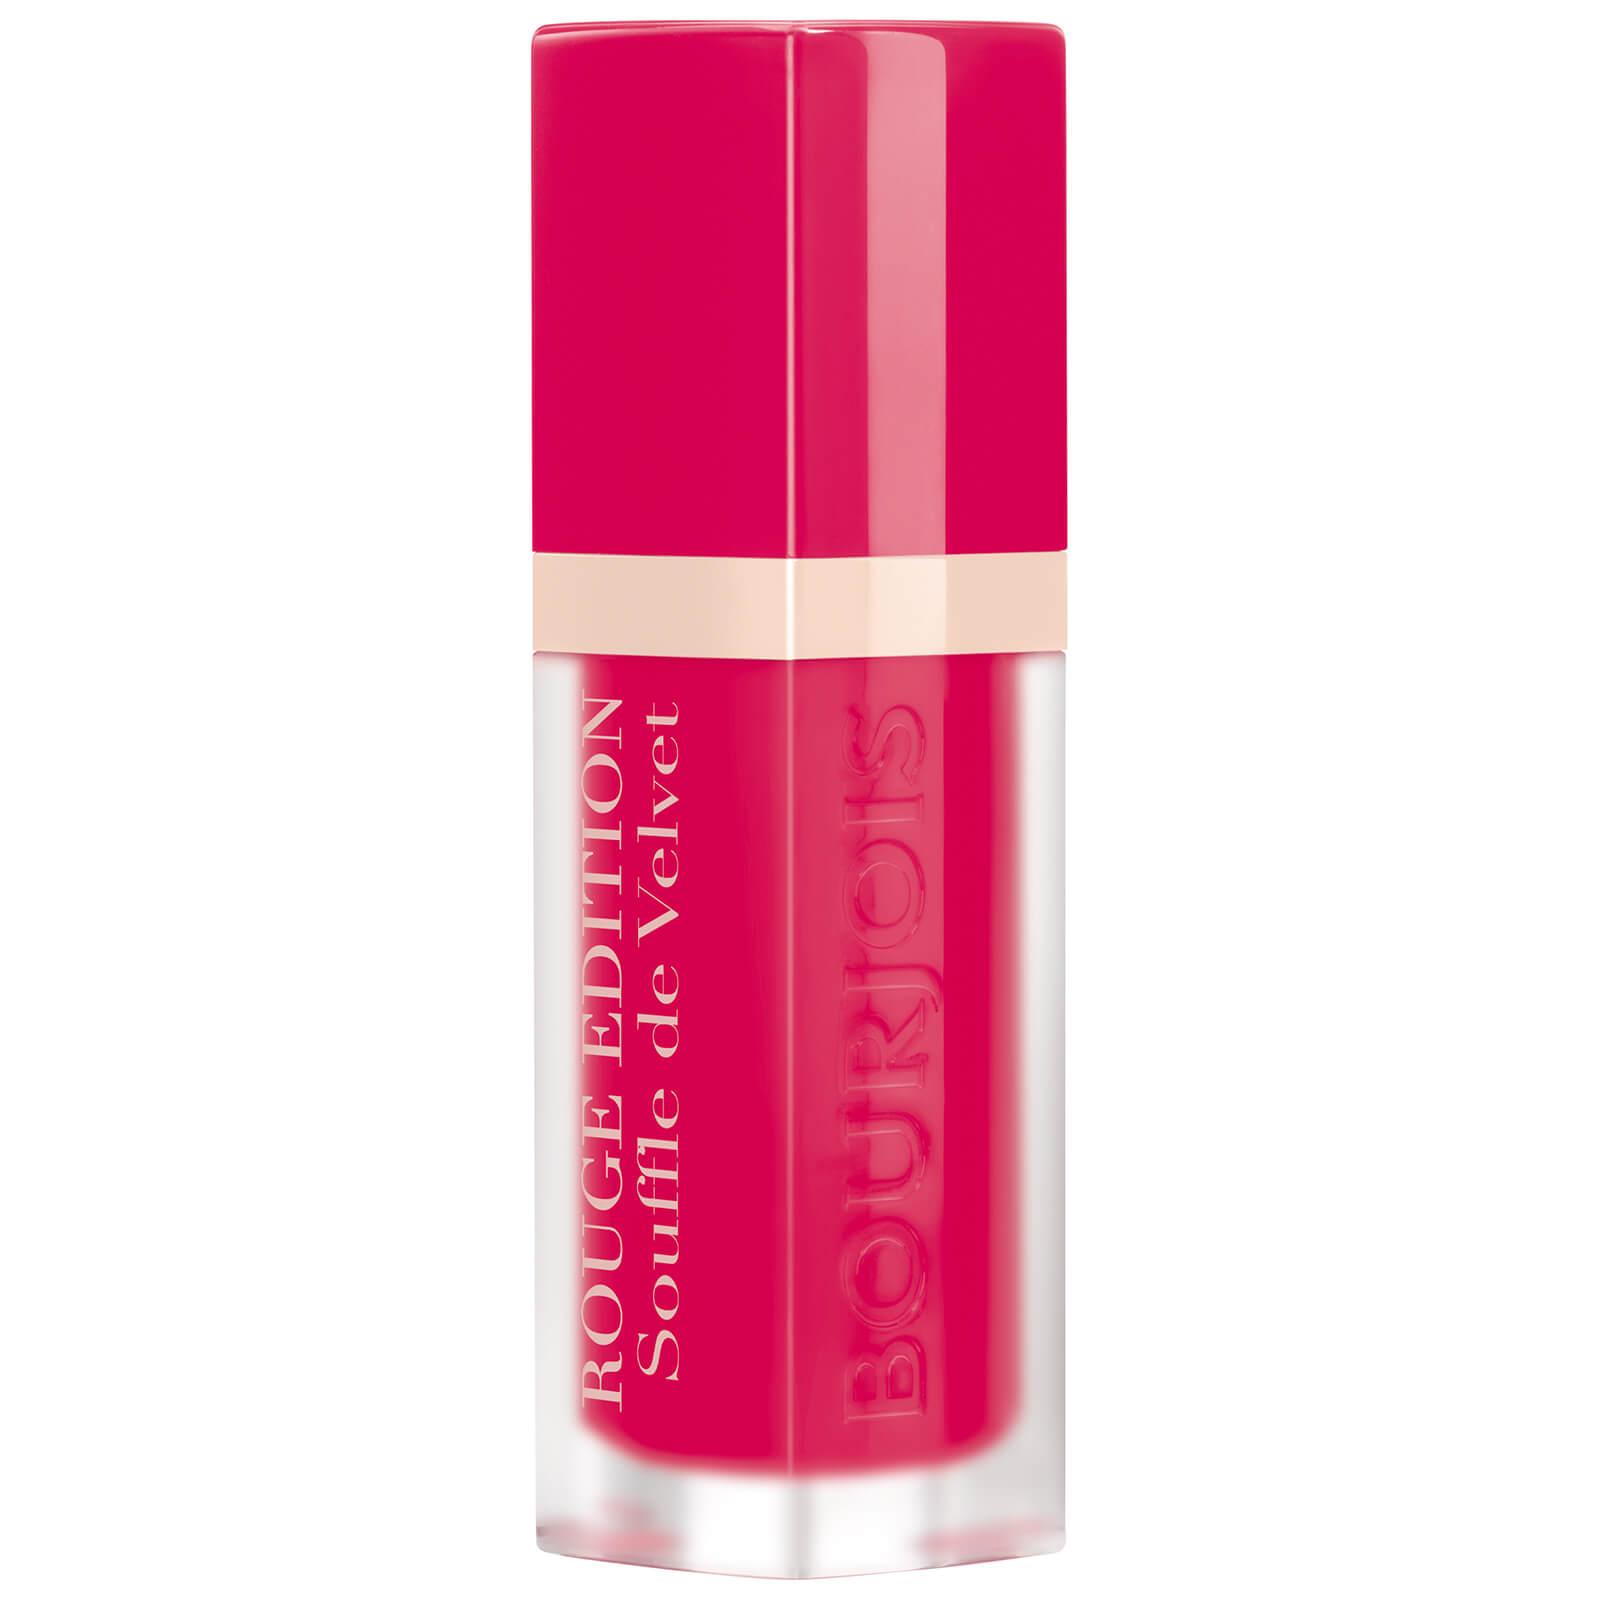 Bourjois Rouge Edition Souffle de Velvet Lipstick (Various Shades) - Fucshiamallow